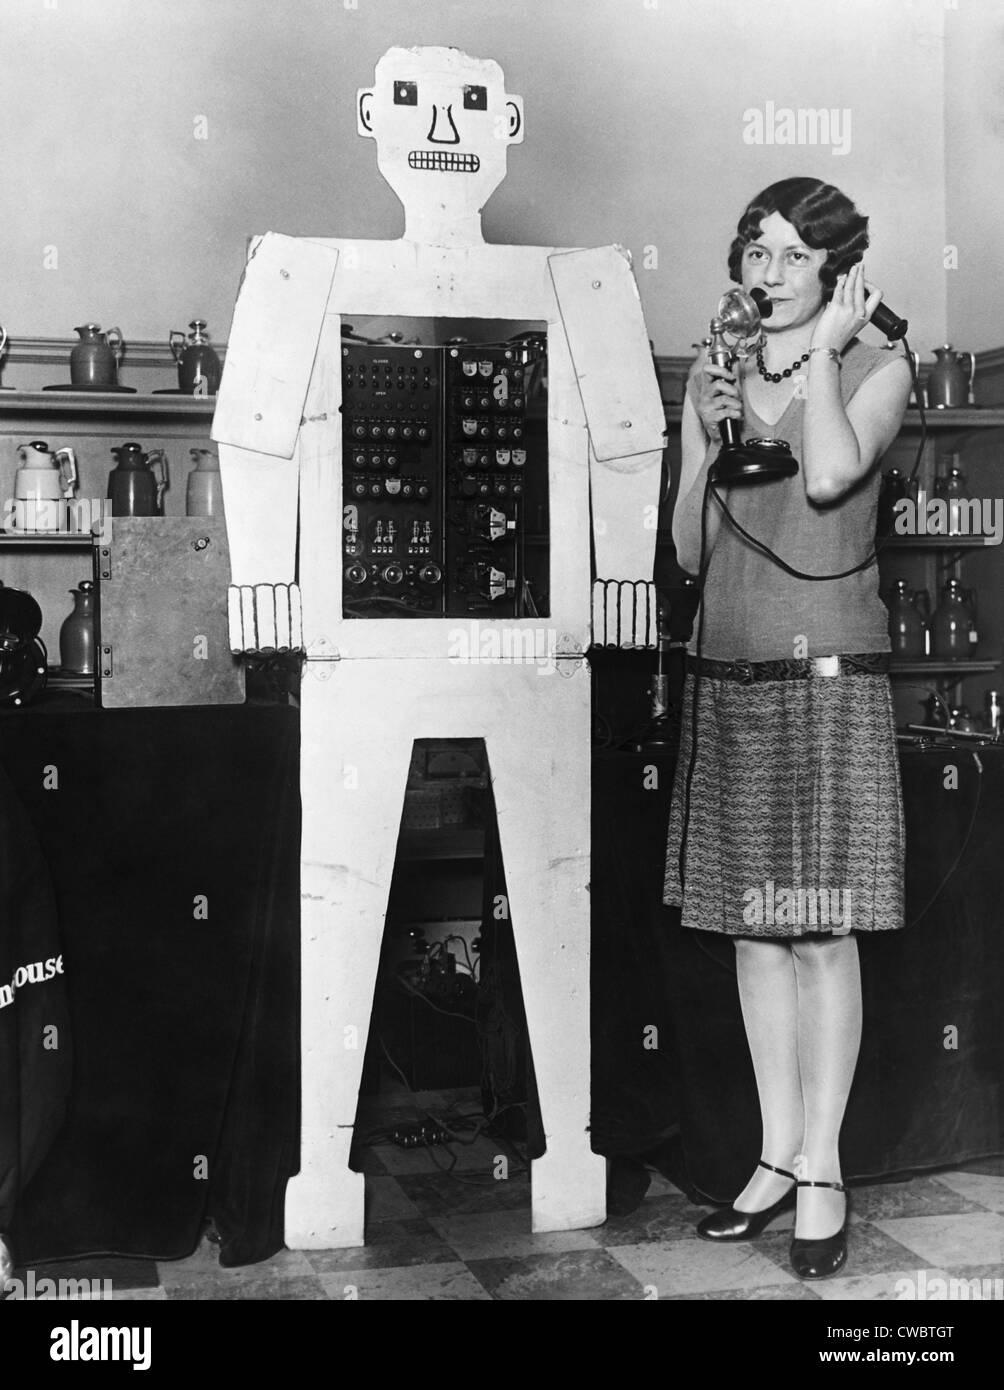 El Sr. Televox, fue diseñado por Westinghouse para promover un pronto control remoto, el dispositivo de conmutación Televox. El robot fue Foto de stock